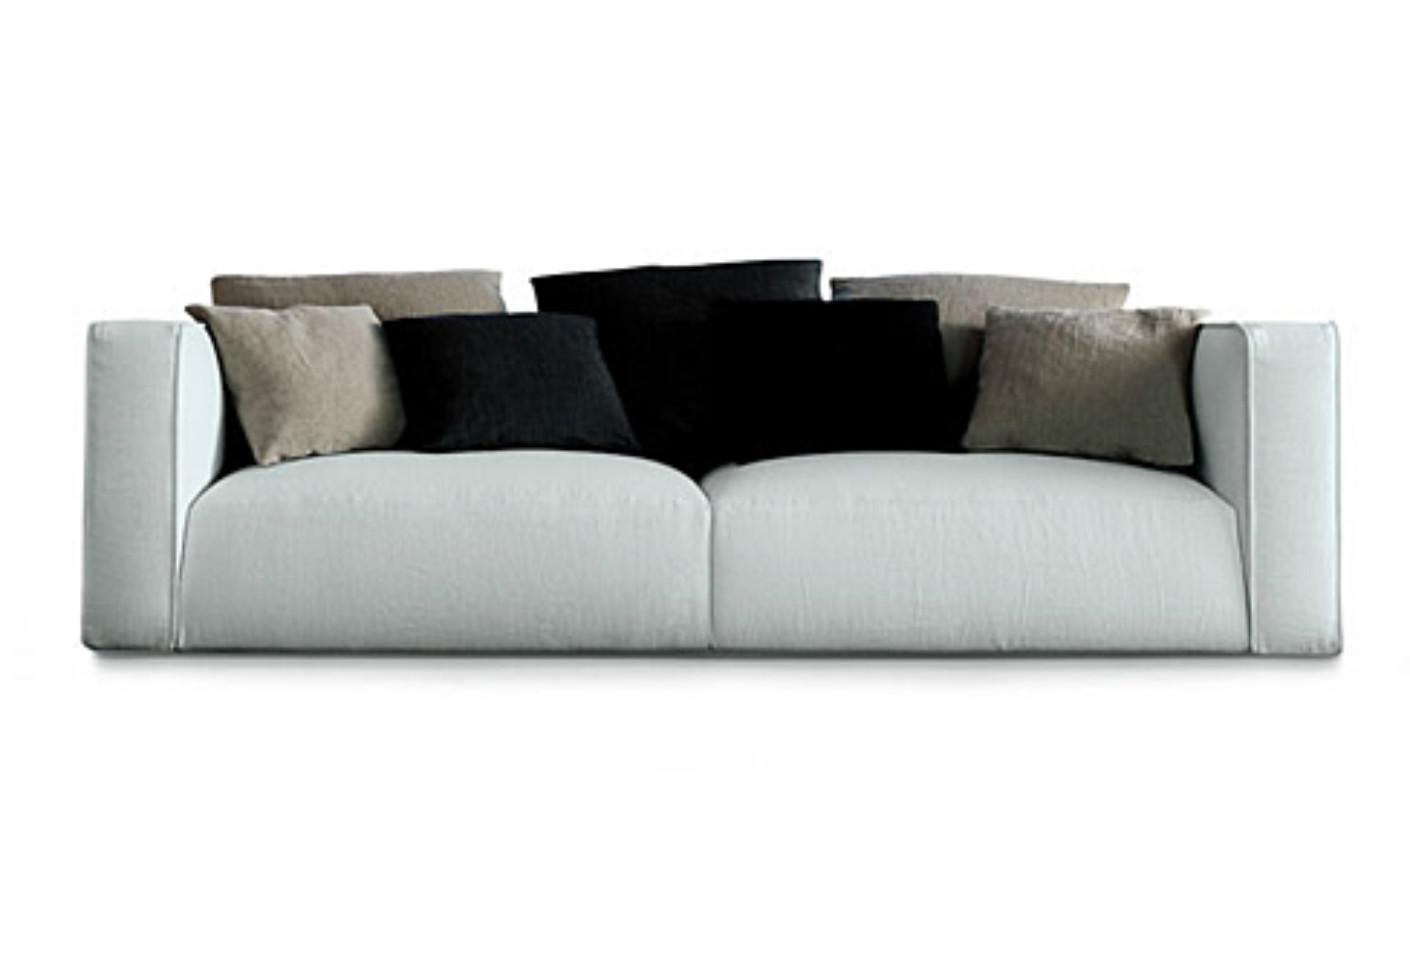 Shangai Sofa By Poliform Stylepark